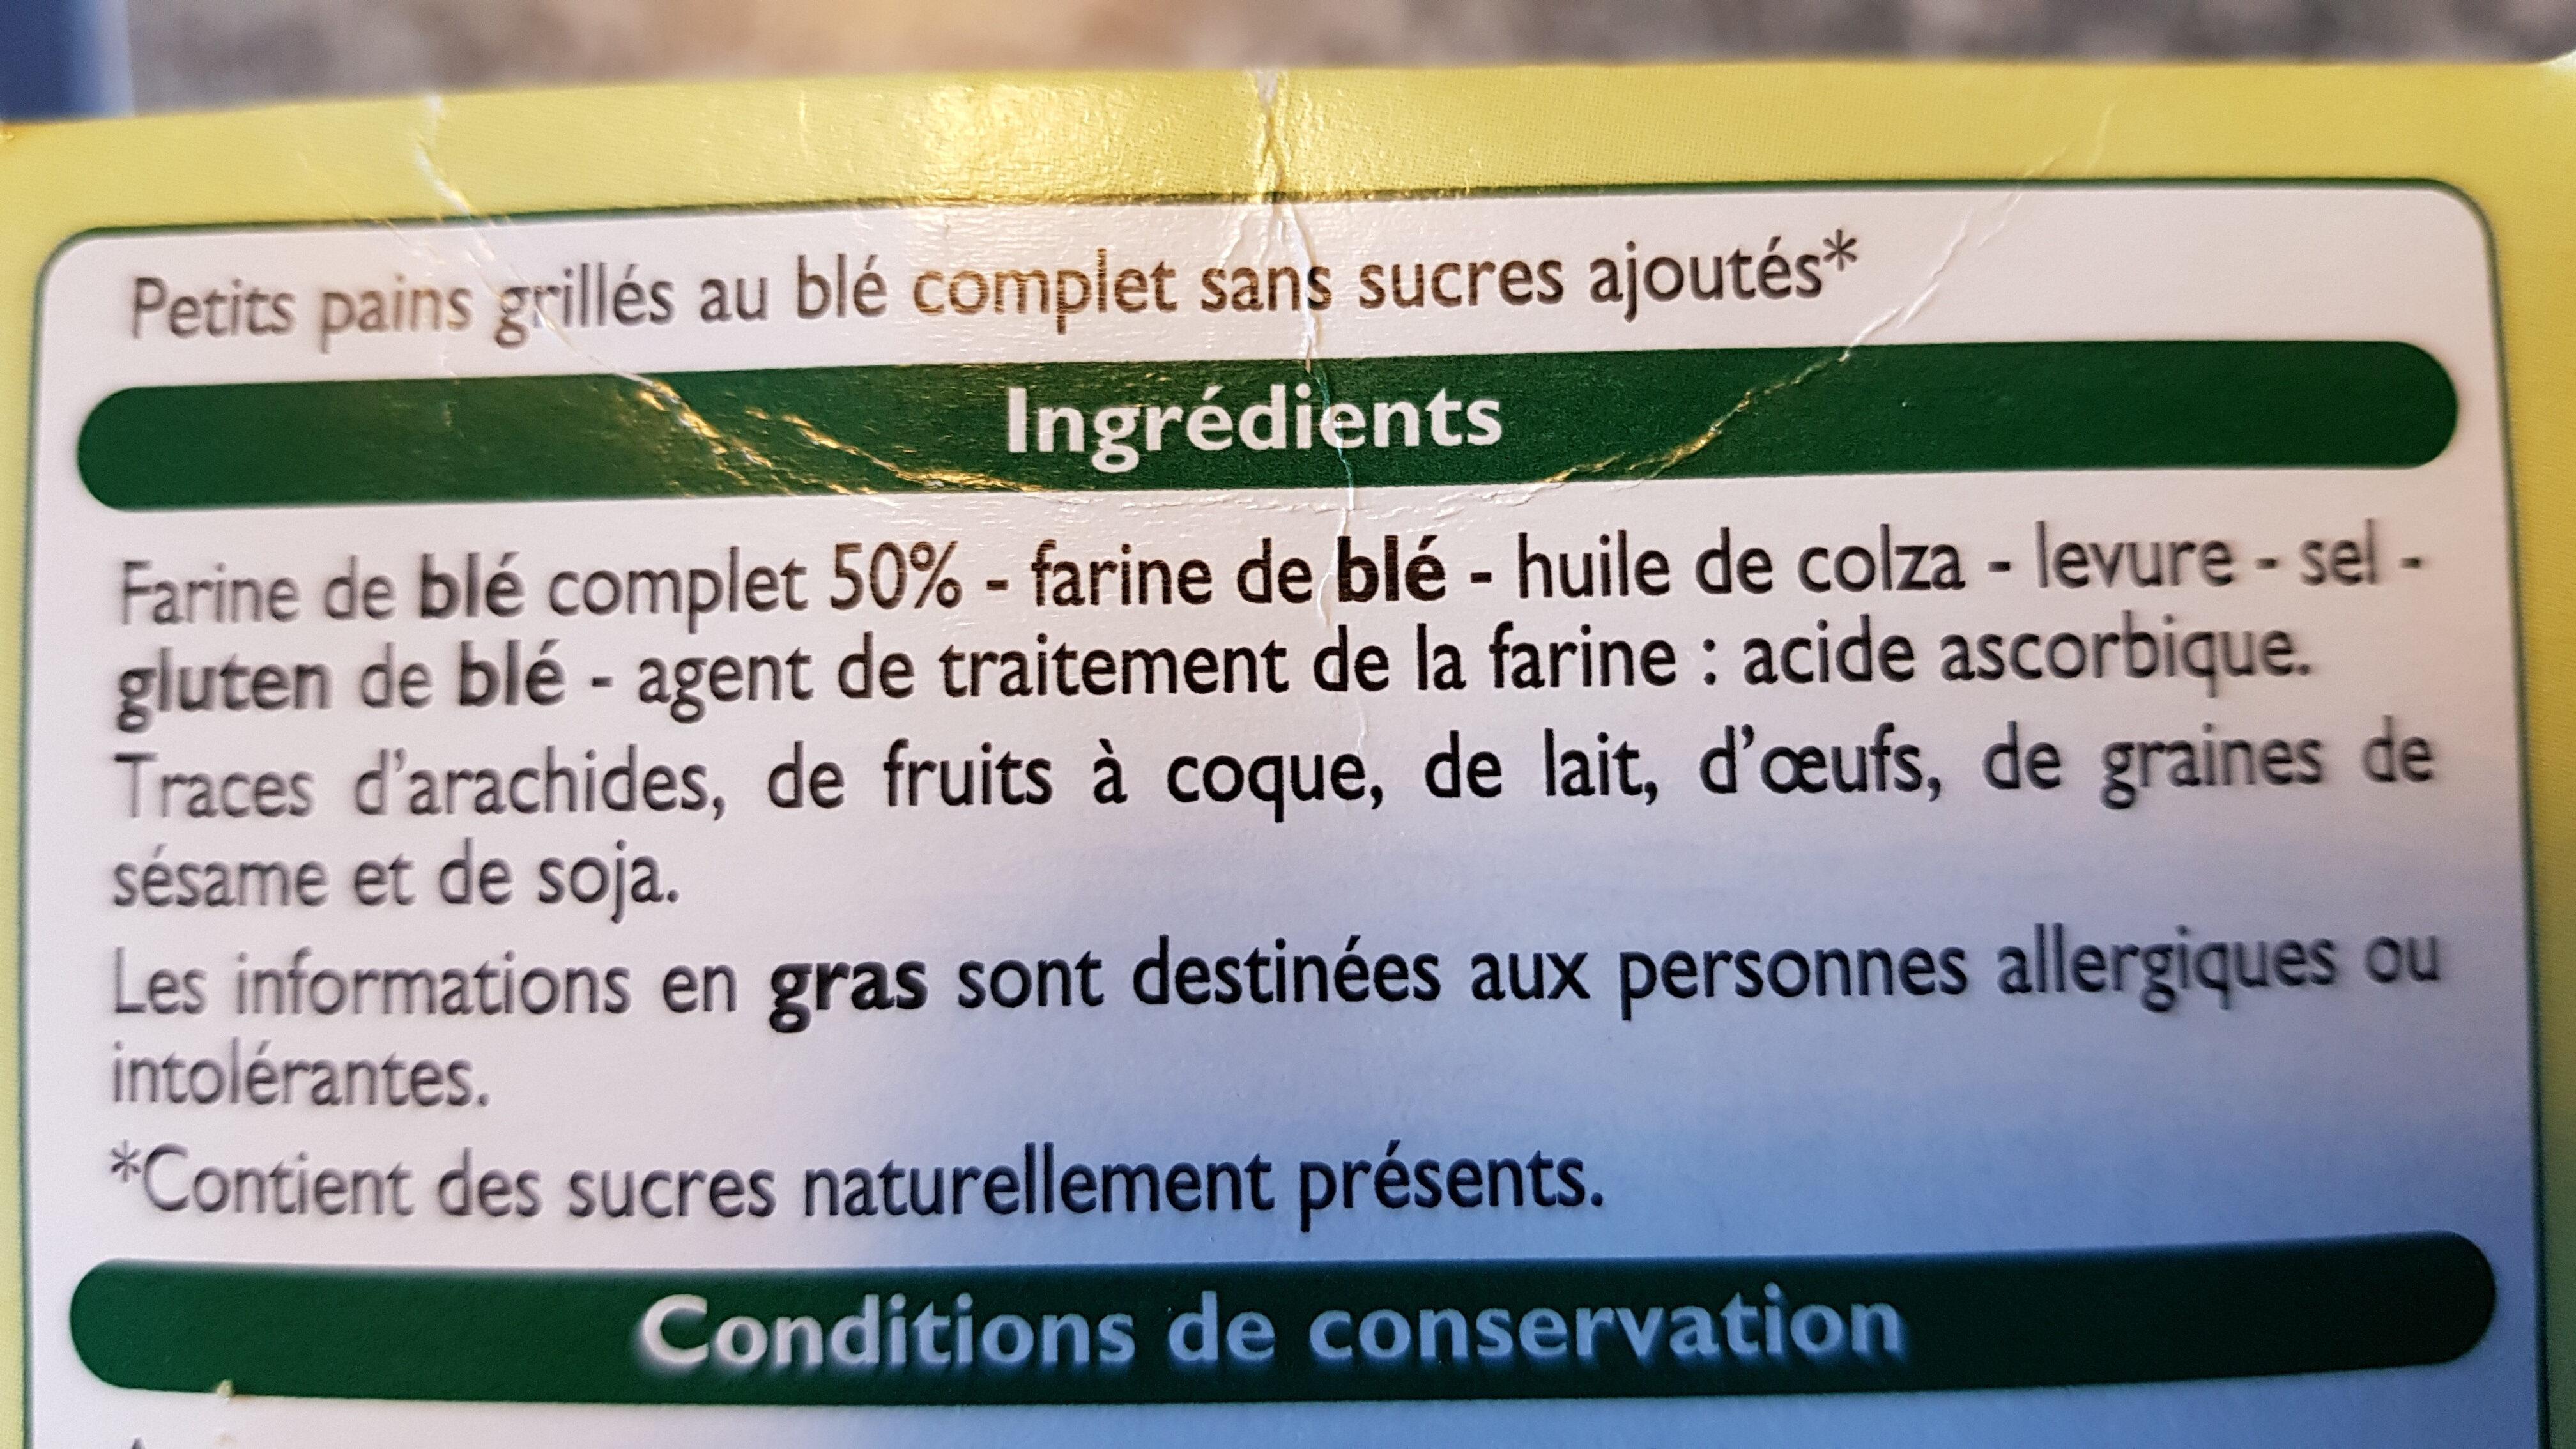 petits pains grillés au blé complet sans sucres ajoutés - Ingrediënten - fr